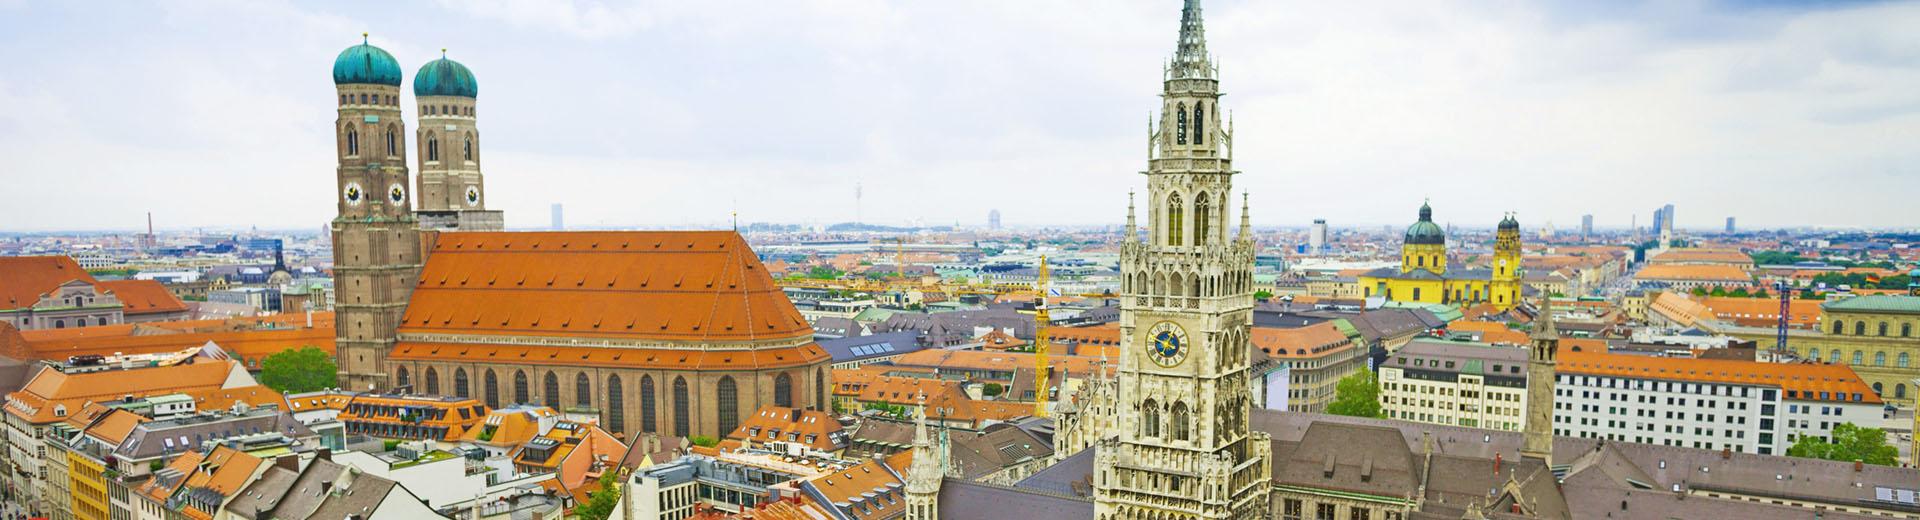 Voyages en groupe Munich - offre Economique train